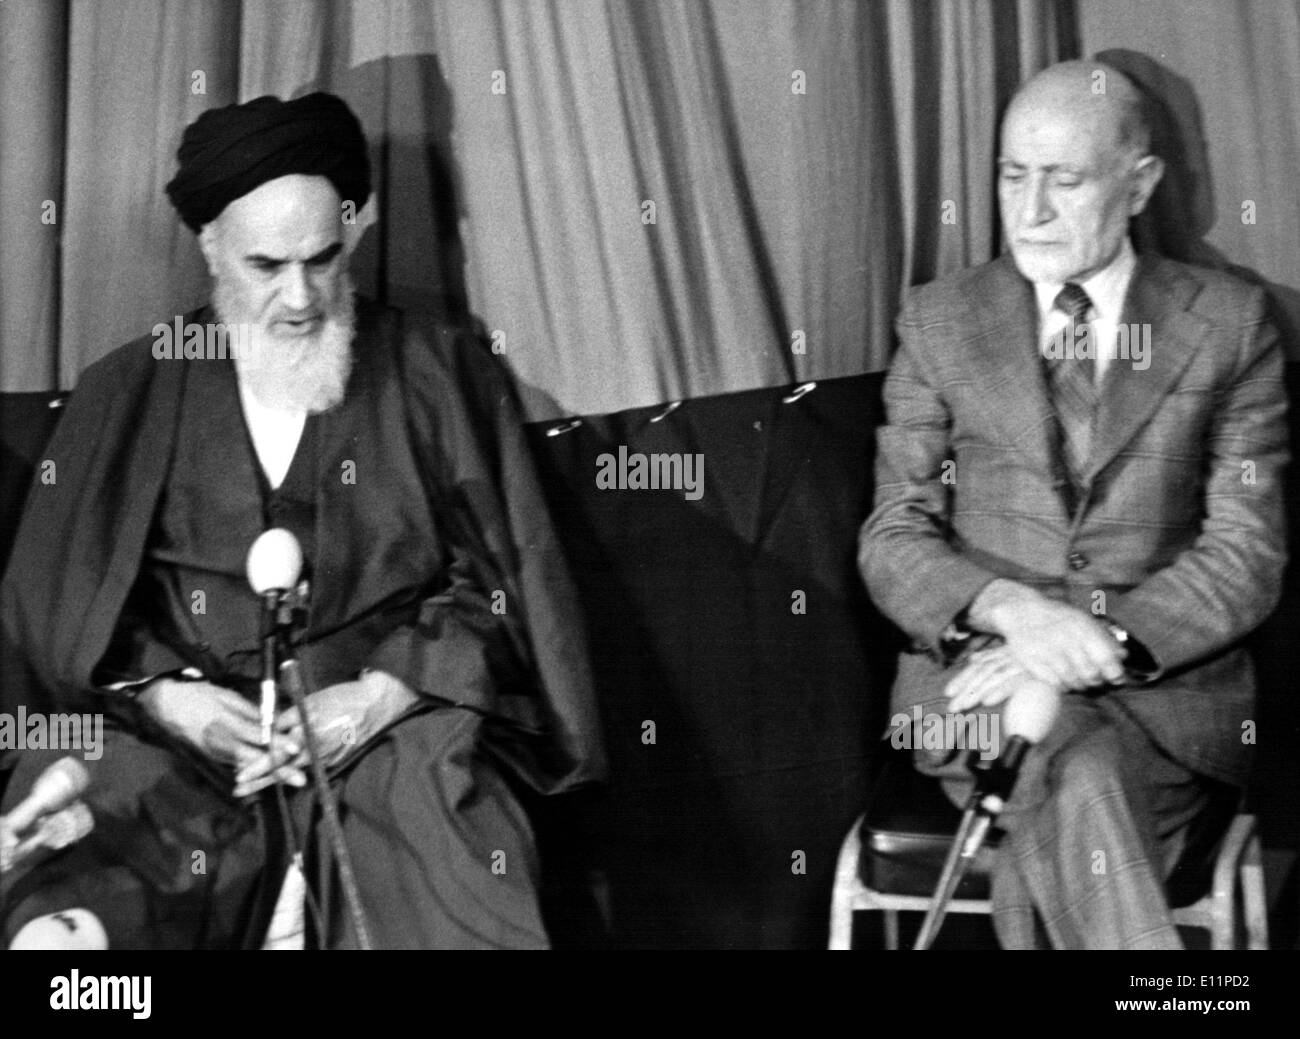 1003812 (900326) Premierminister Mehdi BAZARGAN (rechts), iranischer Politiker, und Ajatollah KHOMEINI, (24.09.1902 - - Stock Image